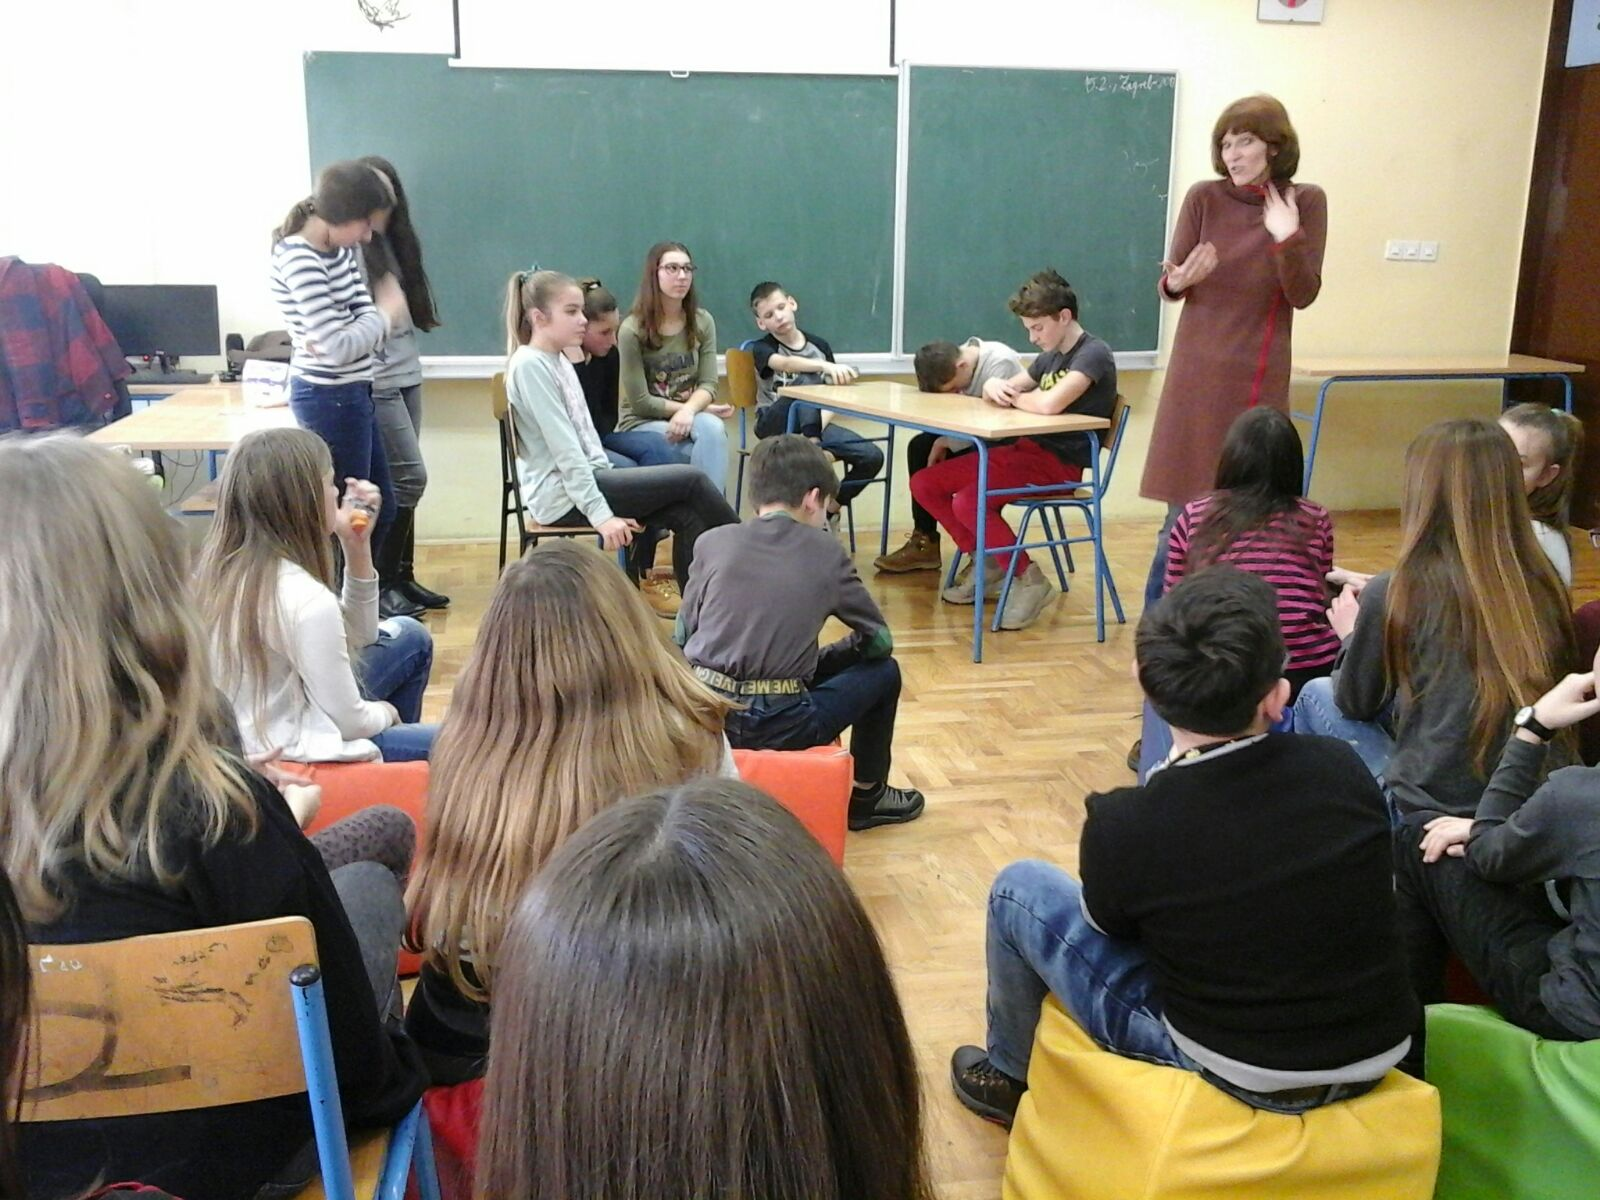 Osnovna Skola Ivana Mestrovica Zagreb Naslovnica Dan